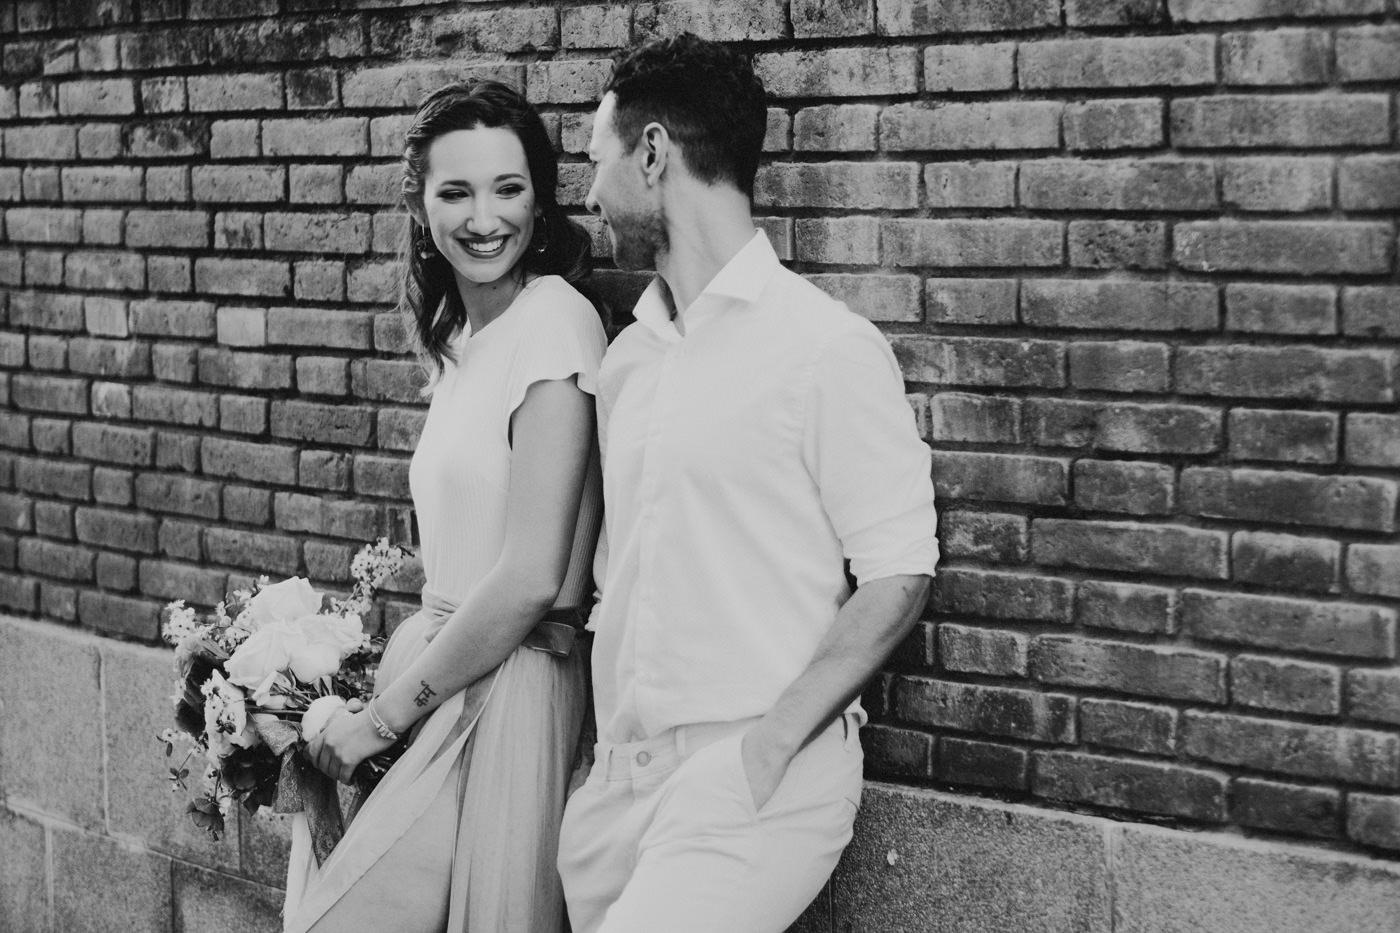 fotografo di matrimonio reportage di coppia-26.jpg